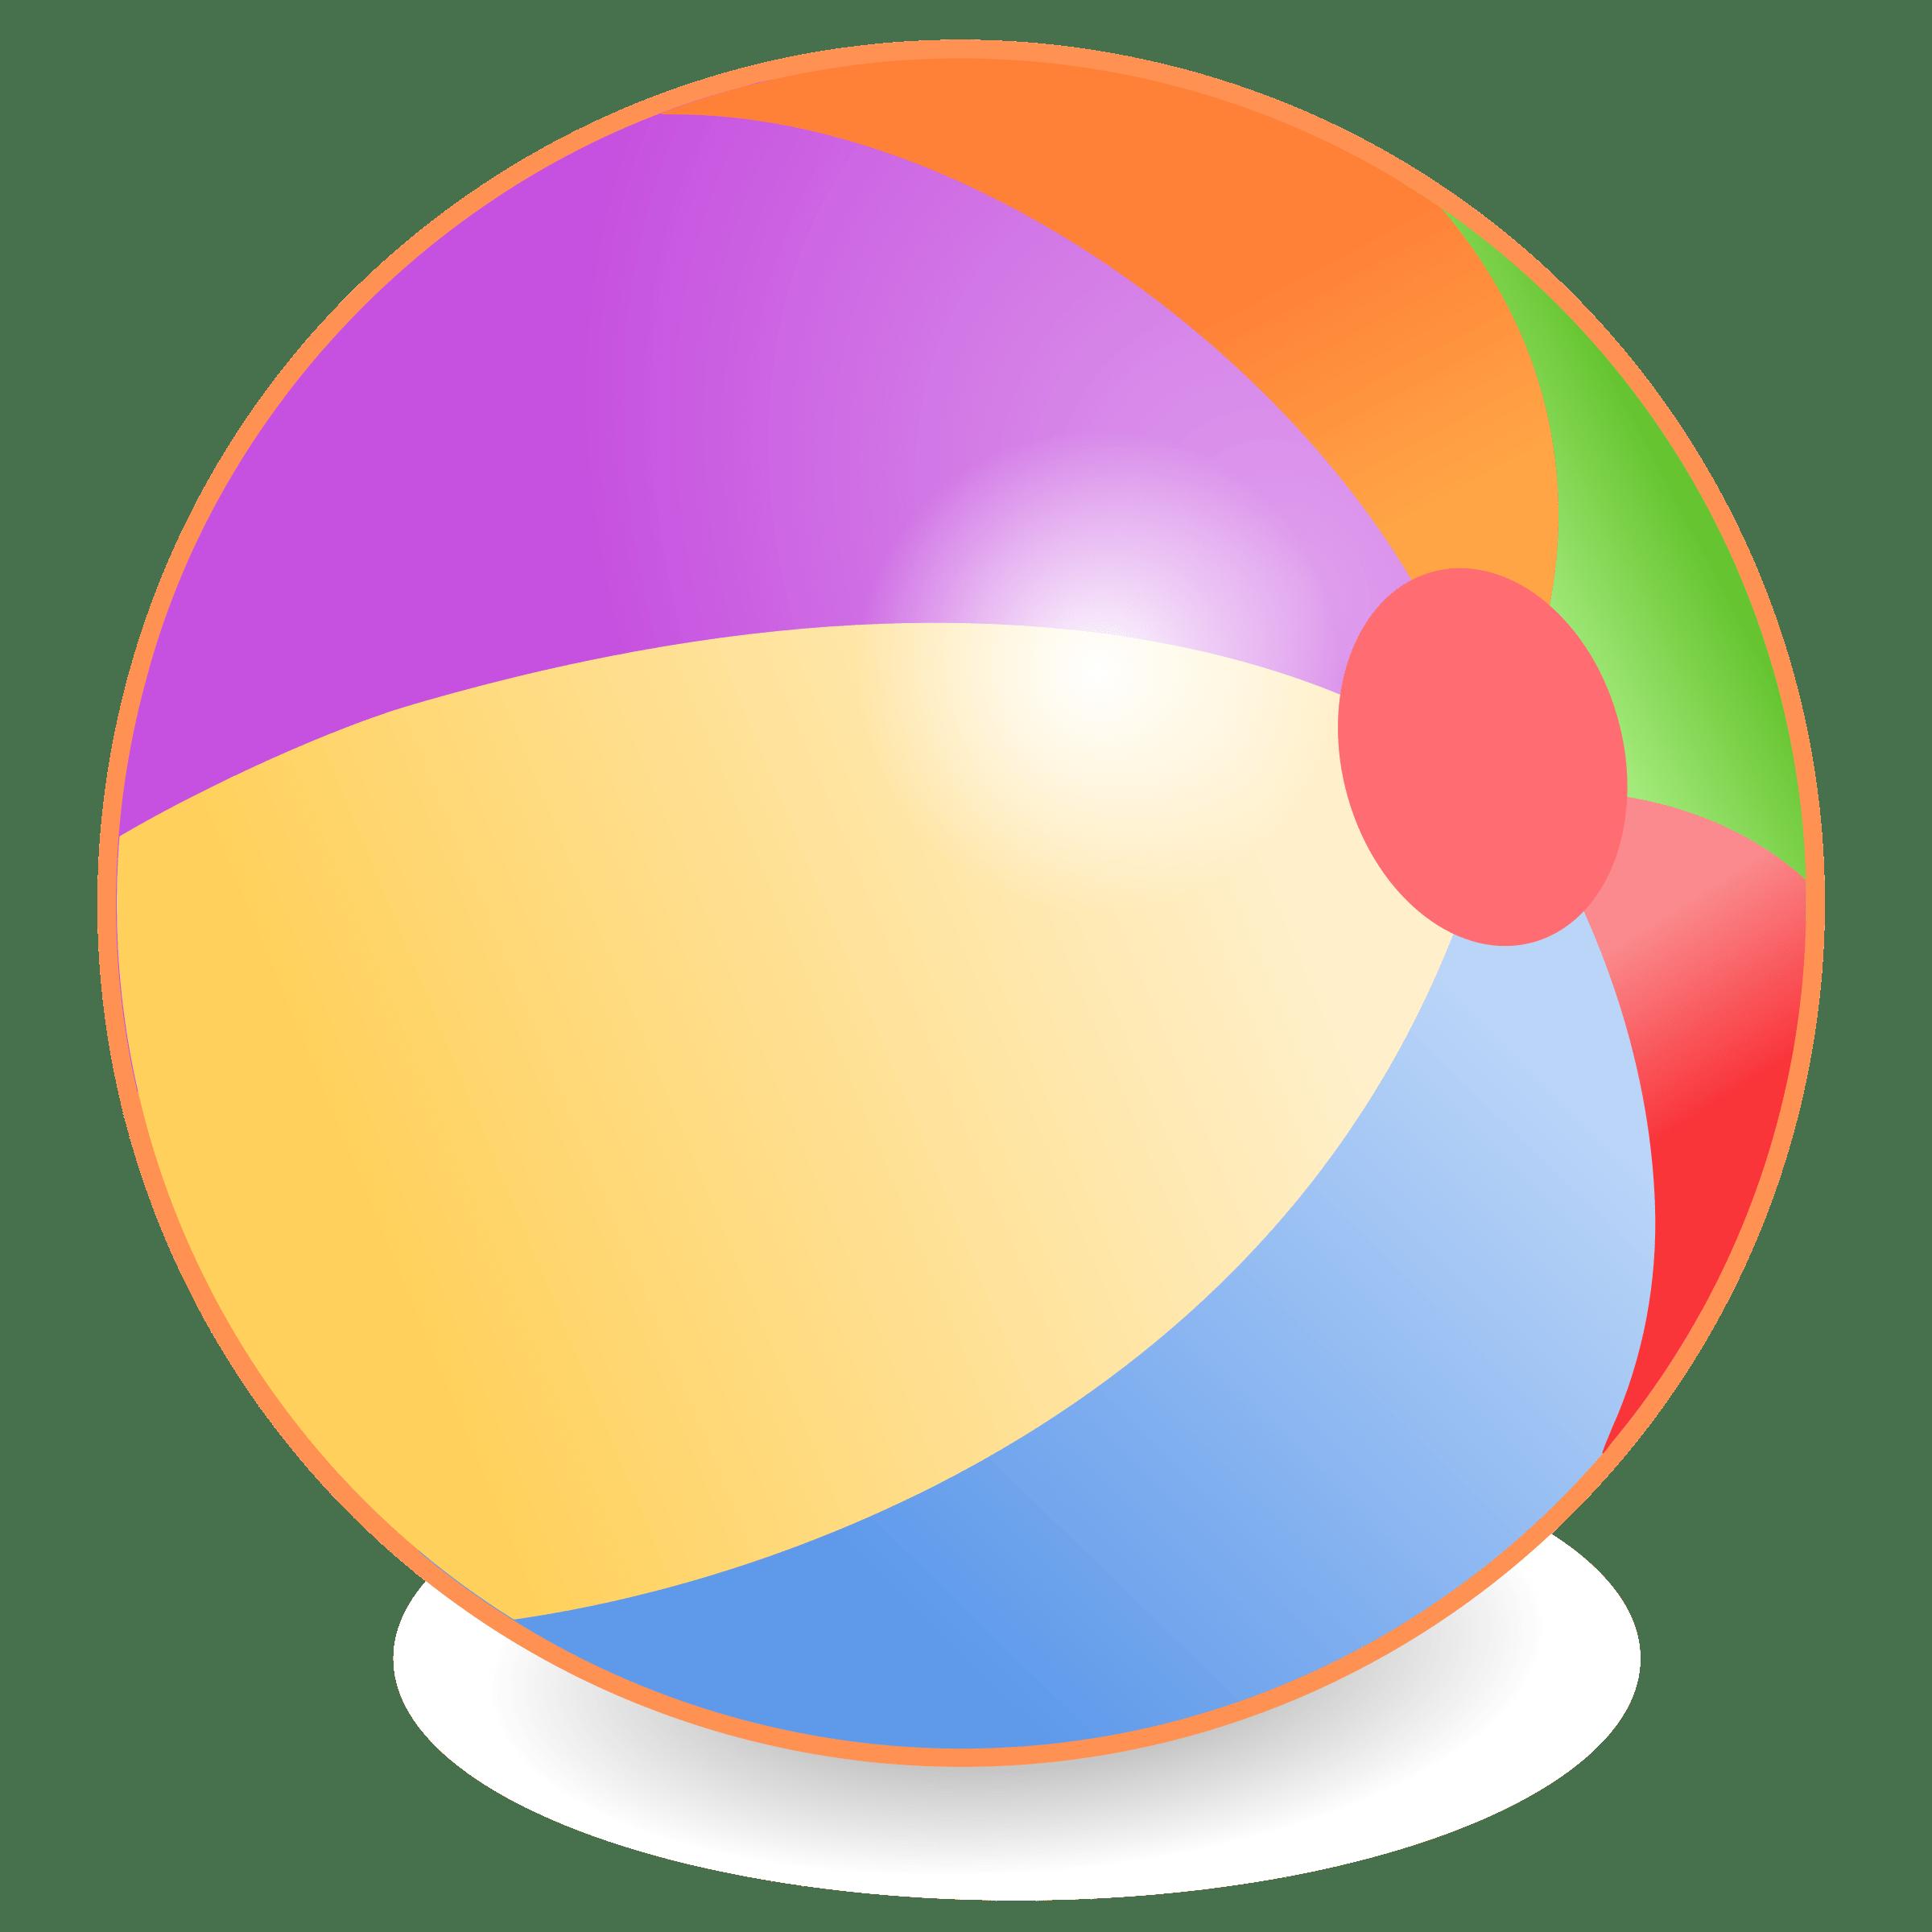 Big ball clipart 5 » Clipart Portal.